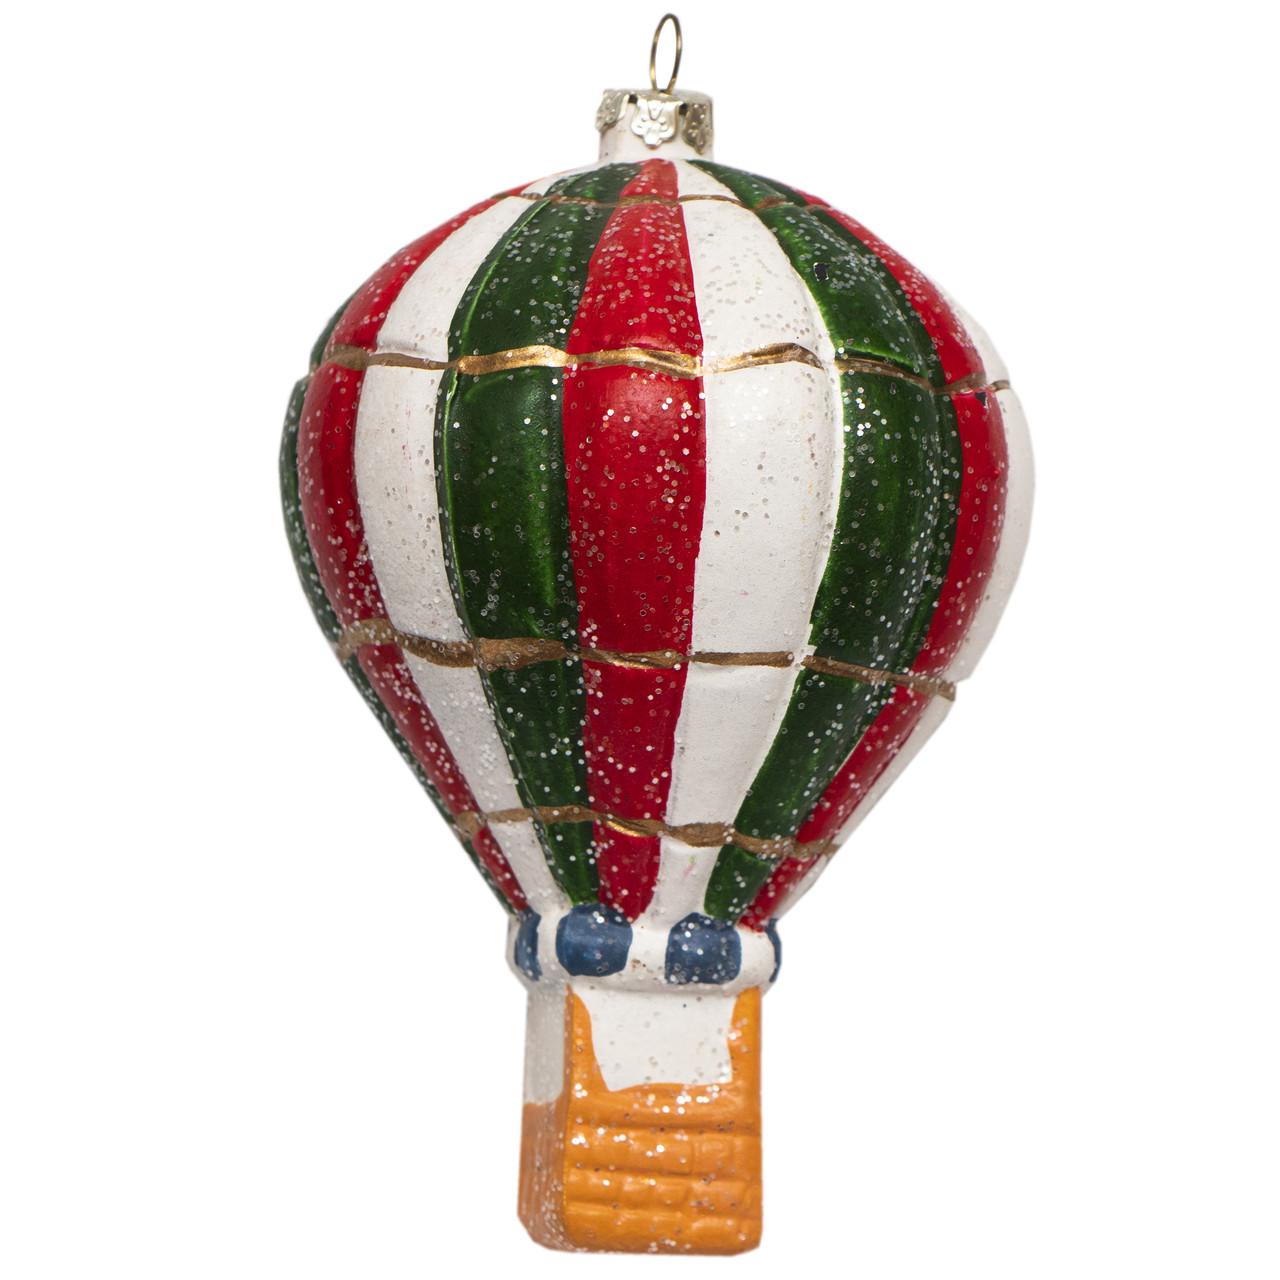 Елочная игрушка Воздушный шар пластиковый 12, 5 см. (190262)